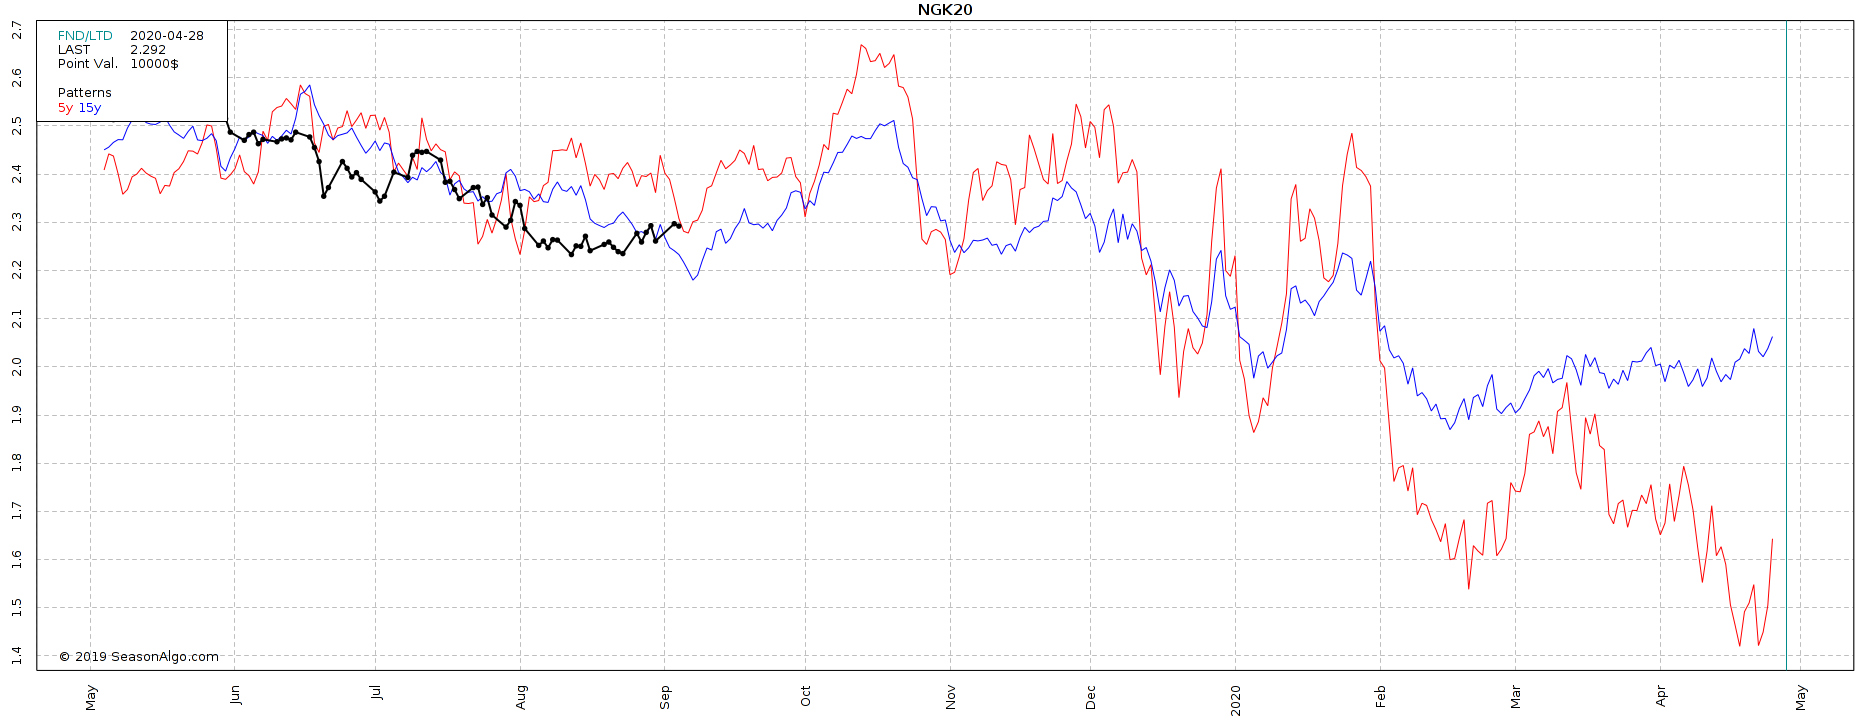 Commodity spread trading e stagionalità. Il caso del gas naturale durante l'inverno